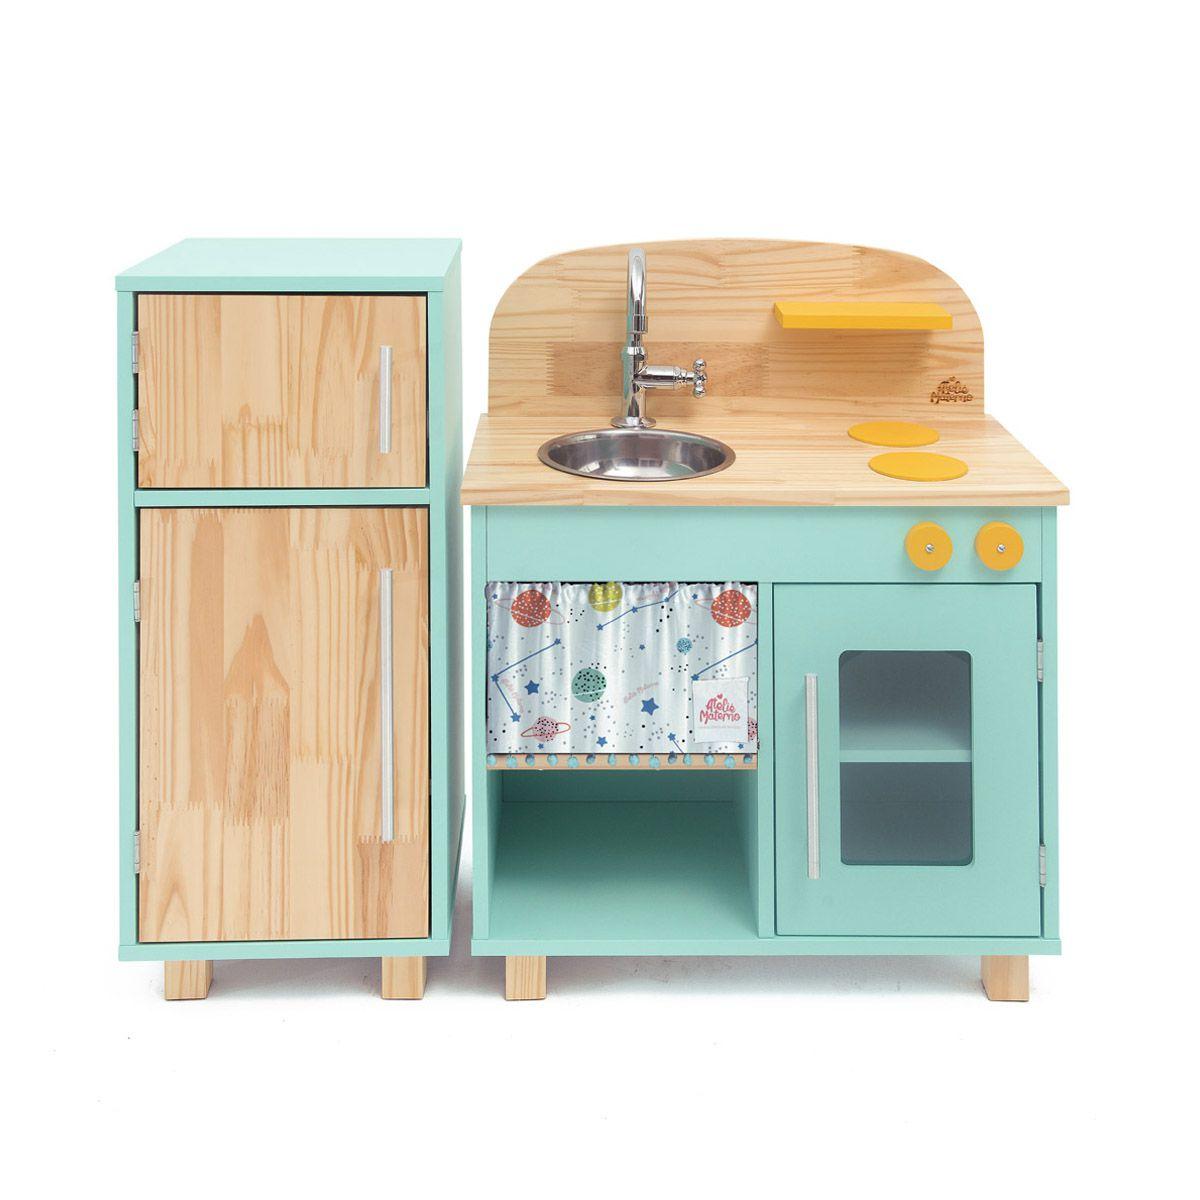 Kit Mini Cozinha e Geladeira - Verde Água